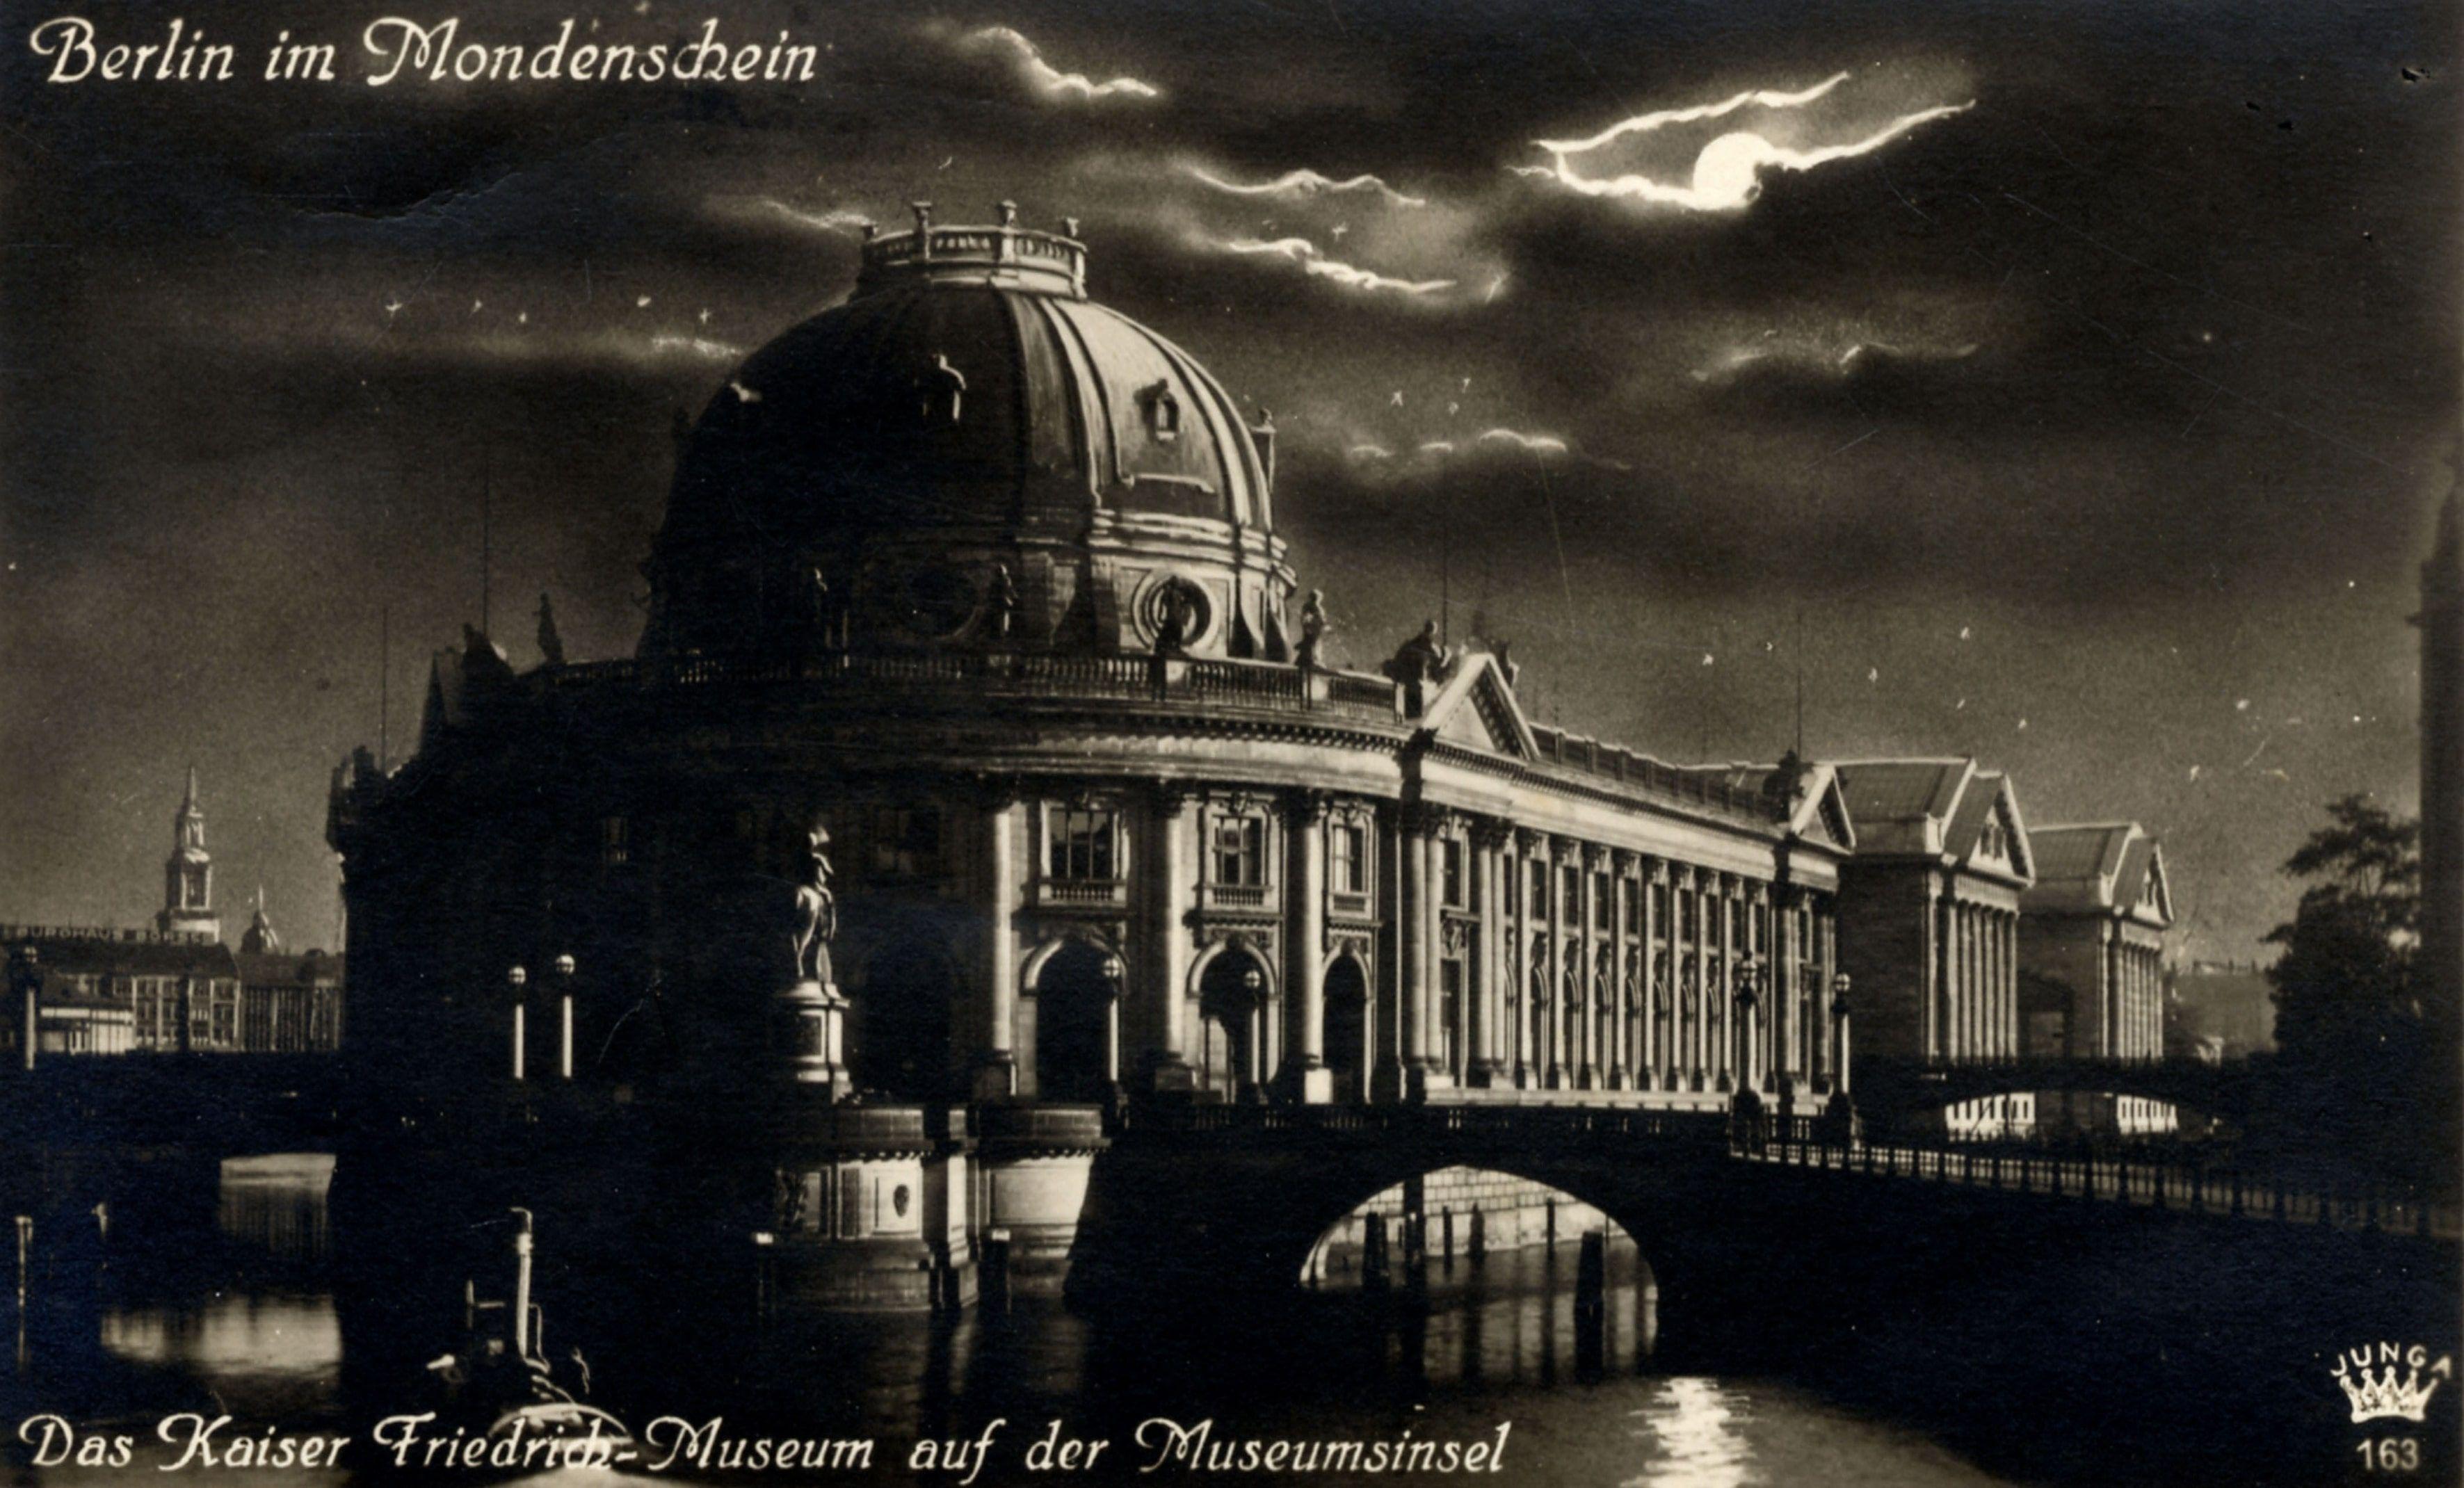 Kaiser-Friedrich-Museum in der Nacht, 1930, Fotopostkarte (© Staatliche Museen zu Berlin, Zentralarchiv)